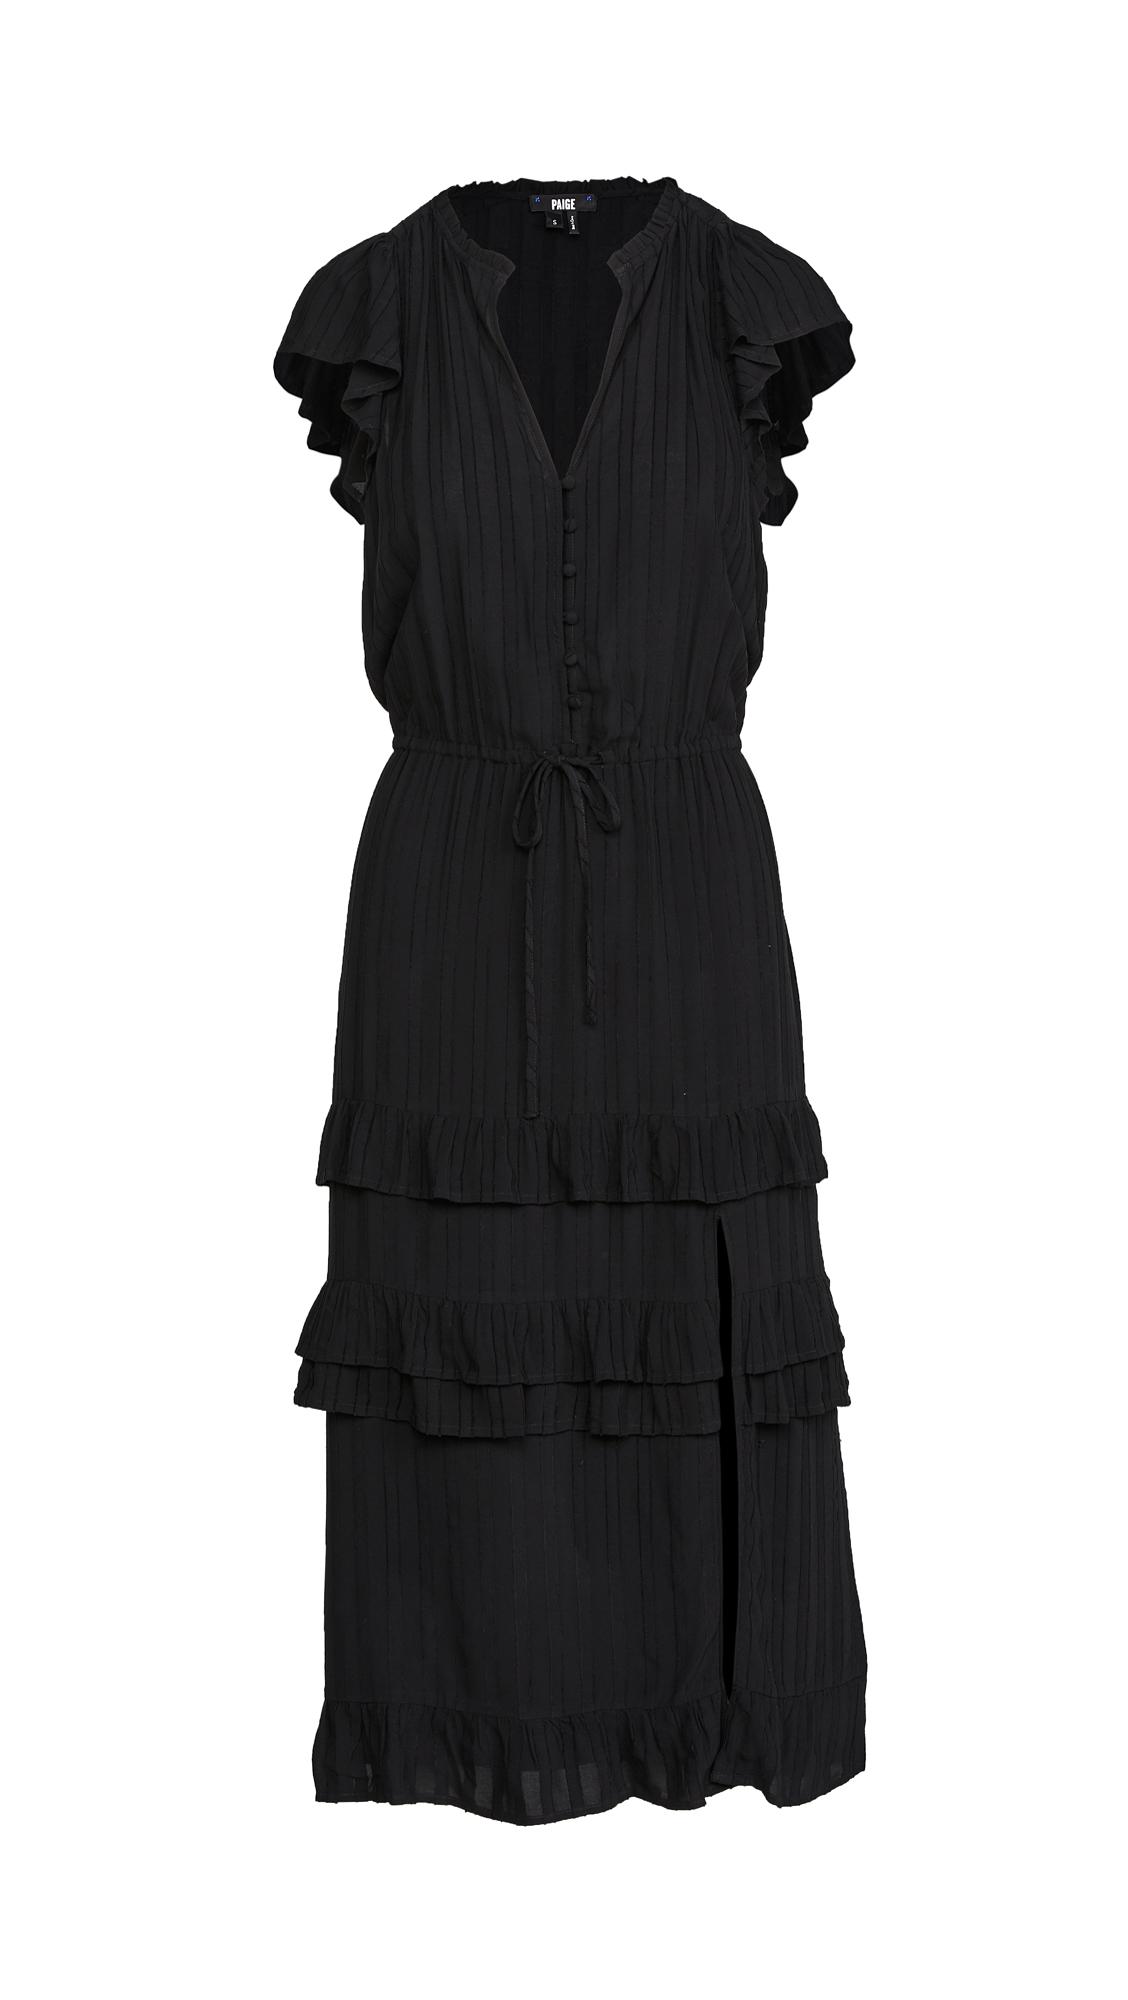 PAIGE Illyria Dress